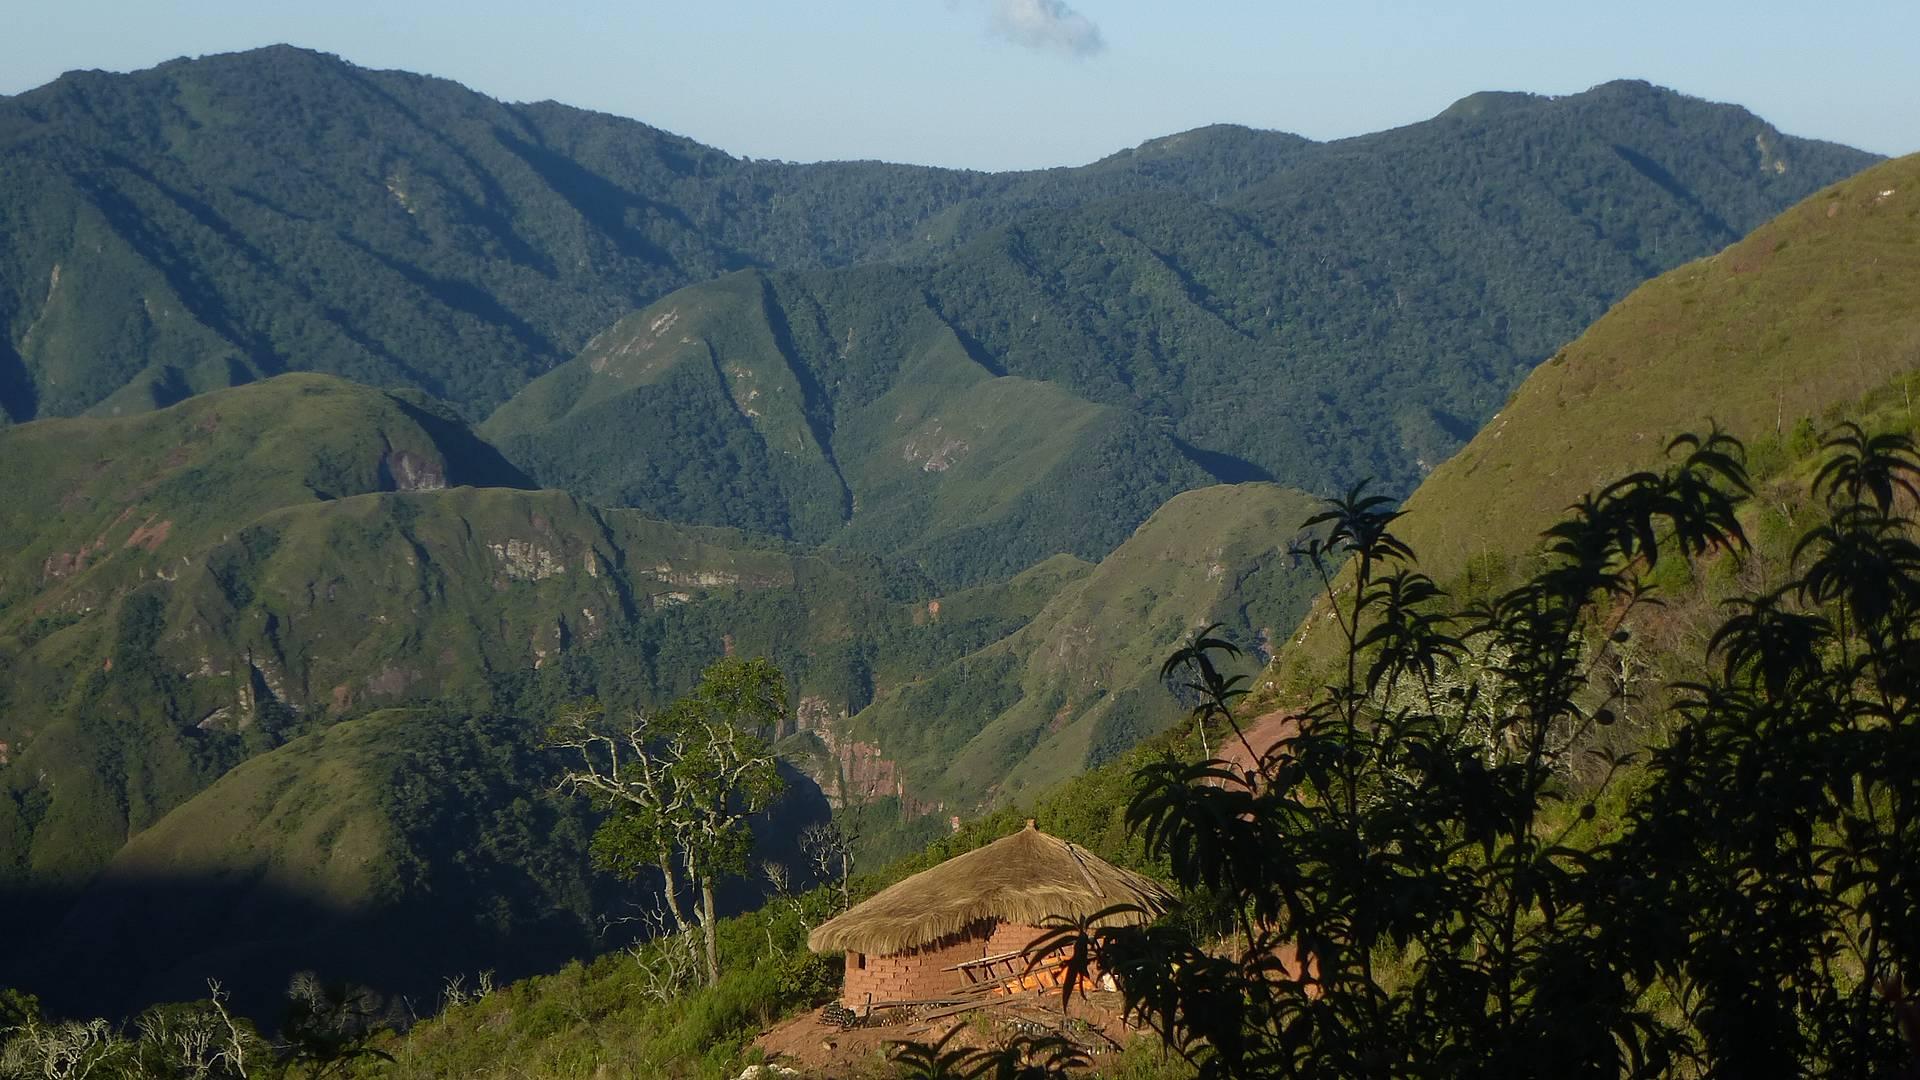 Des forêts tropicales aux volcans de l'Altiplano